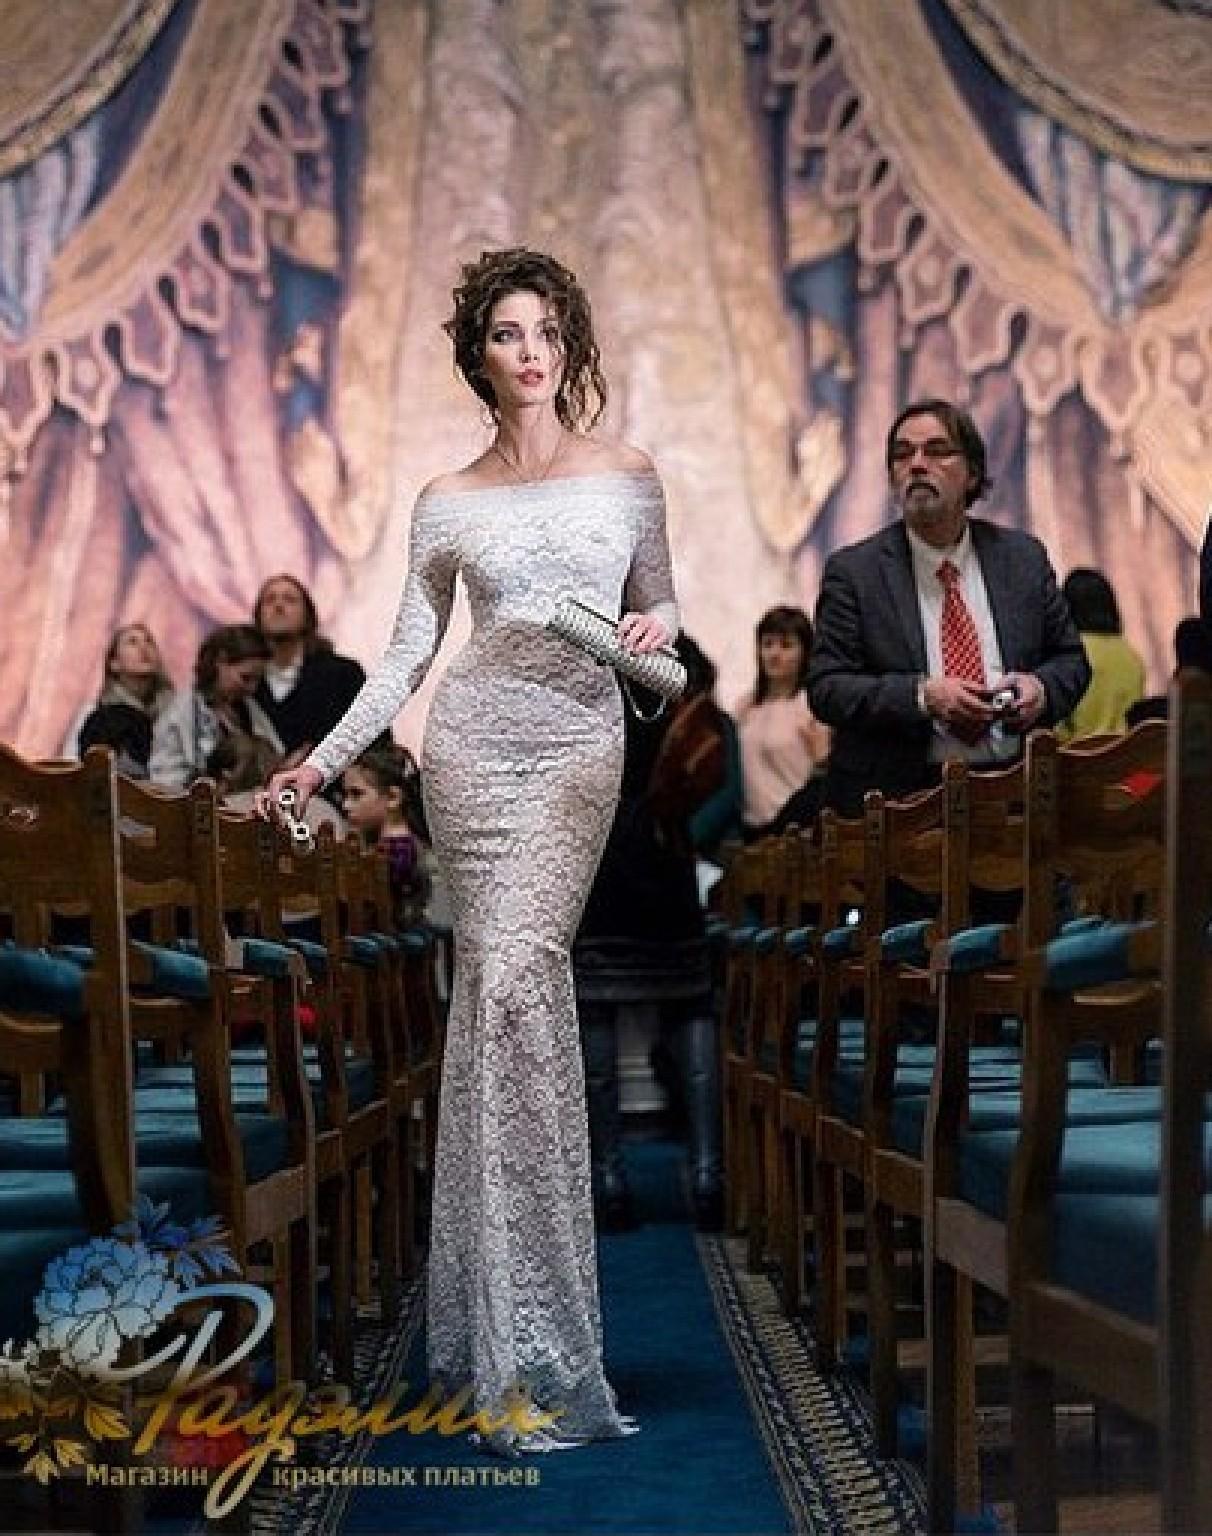 a383e726b3e2 Платья со скидкой! Белое кружевное платье в пол с открытыми плечами ...